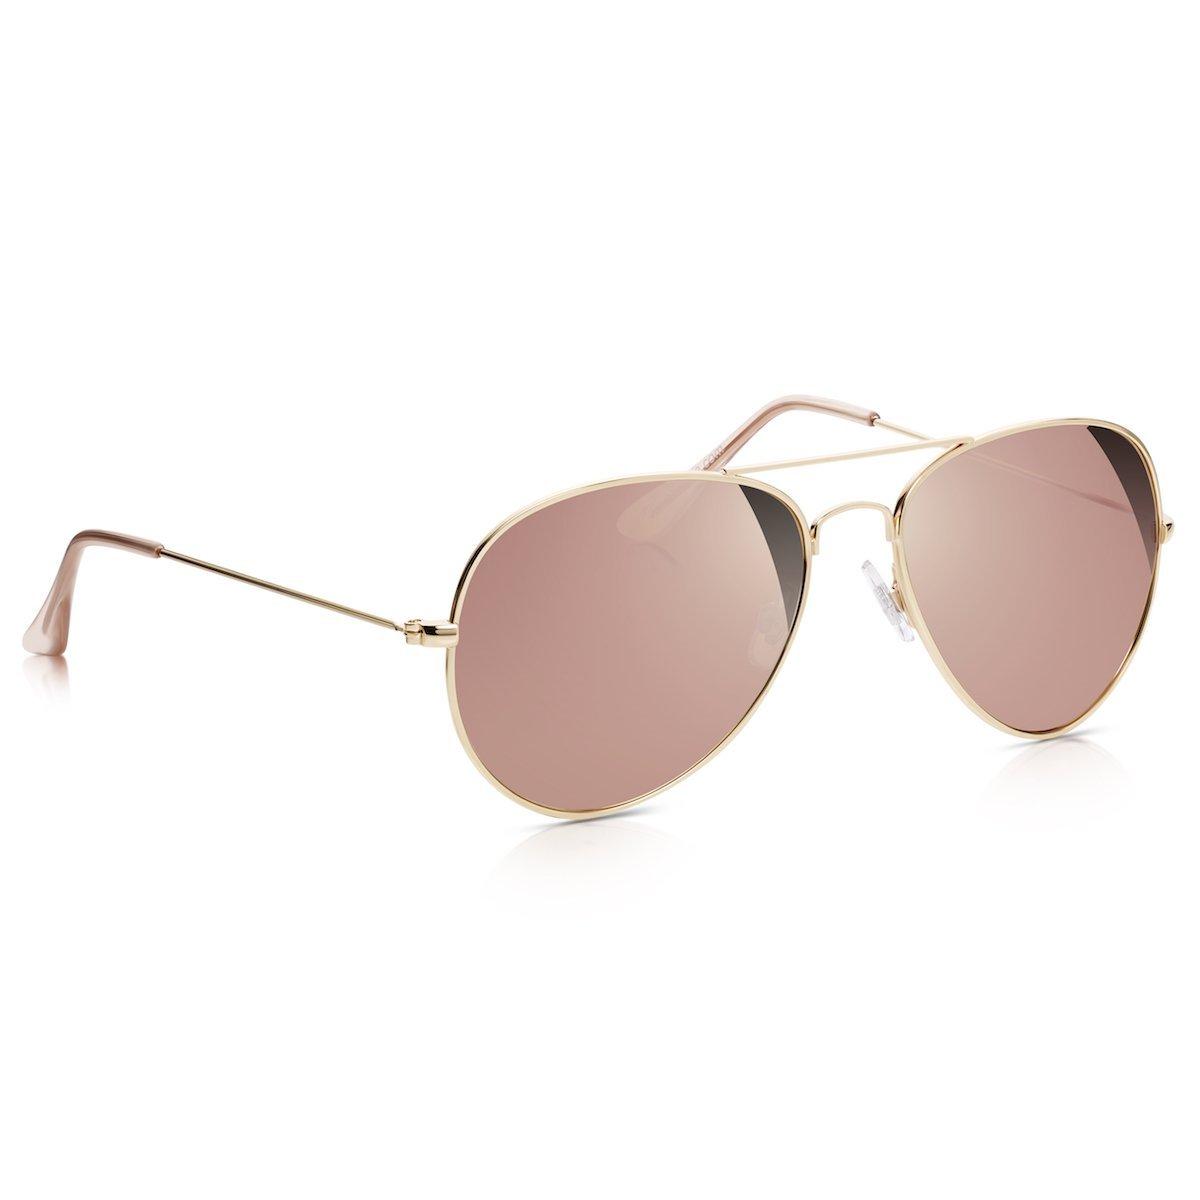 Sunglass Junkie Lunettes de Soleil Top Gun Aviator unisexes couleur or rose  avec verres or roses effet miroir  Amazon.fr  Vêtements et accessoires 99b43fd15ba3